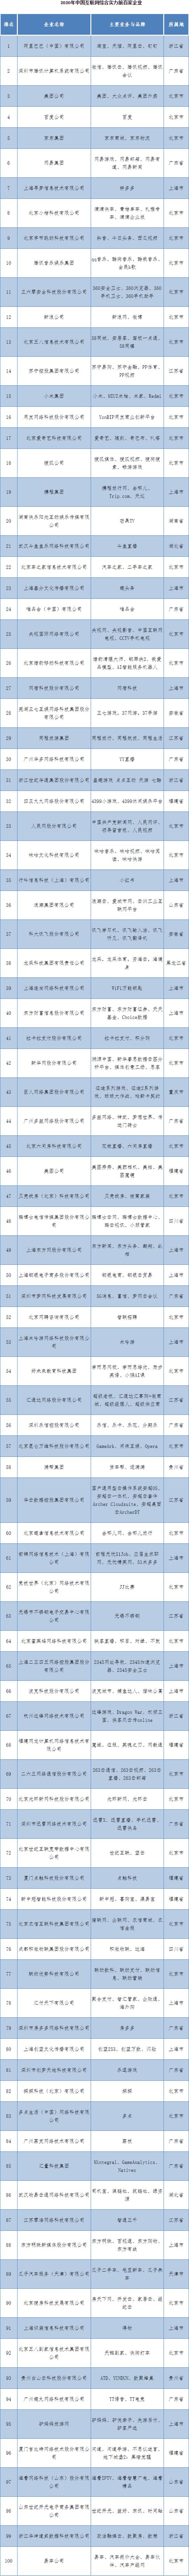 中国互联网综合实力前百家企业公布